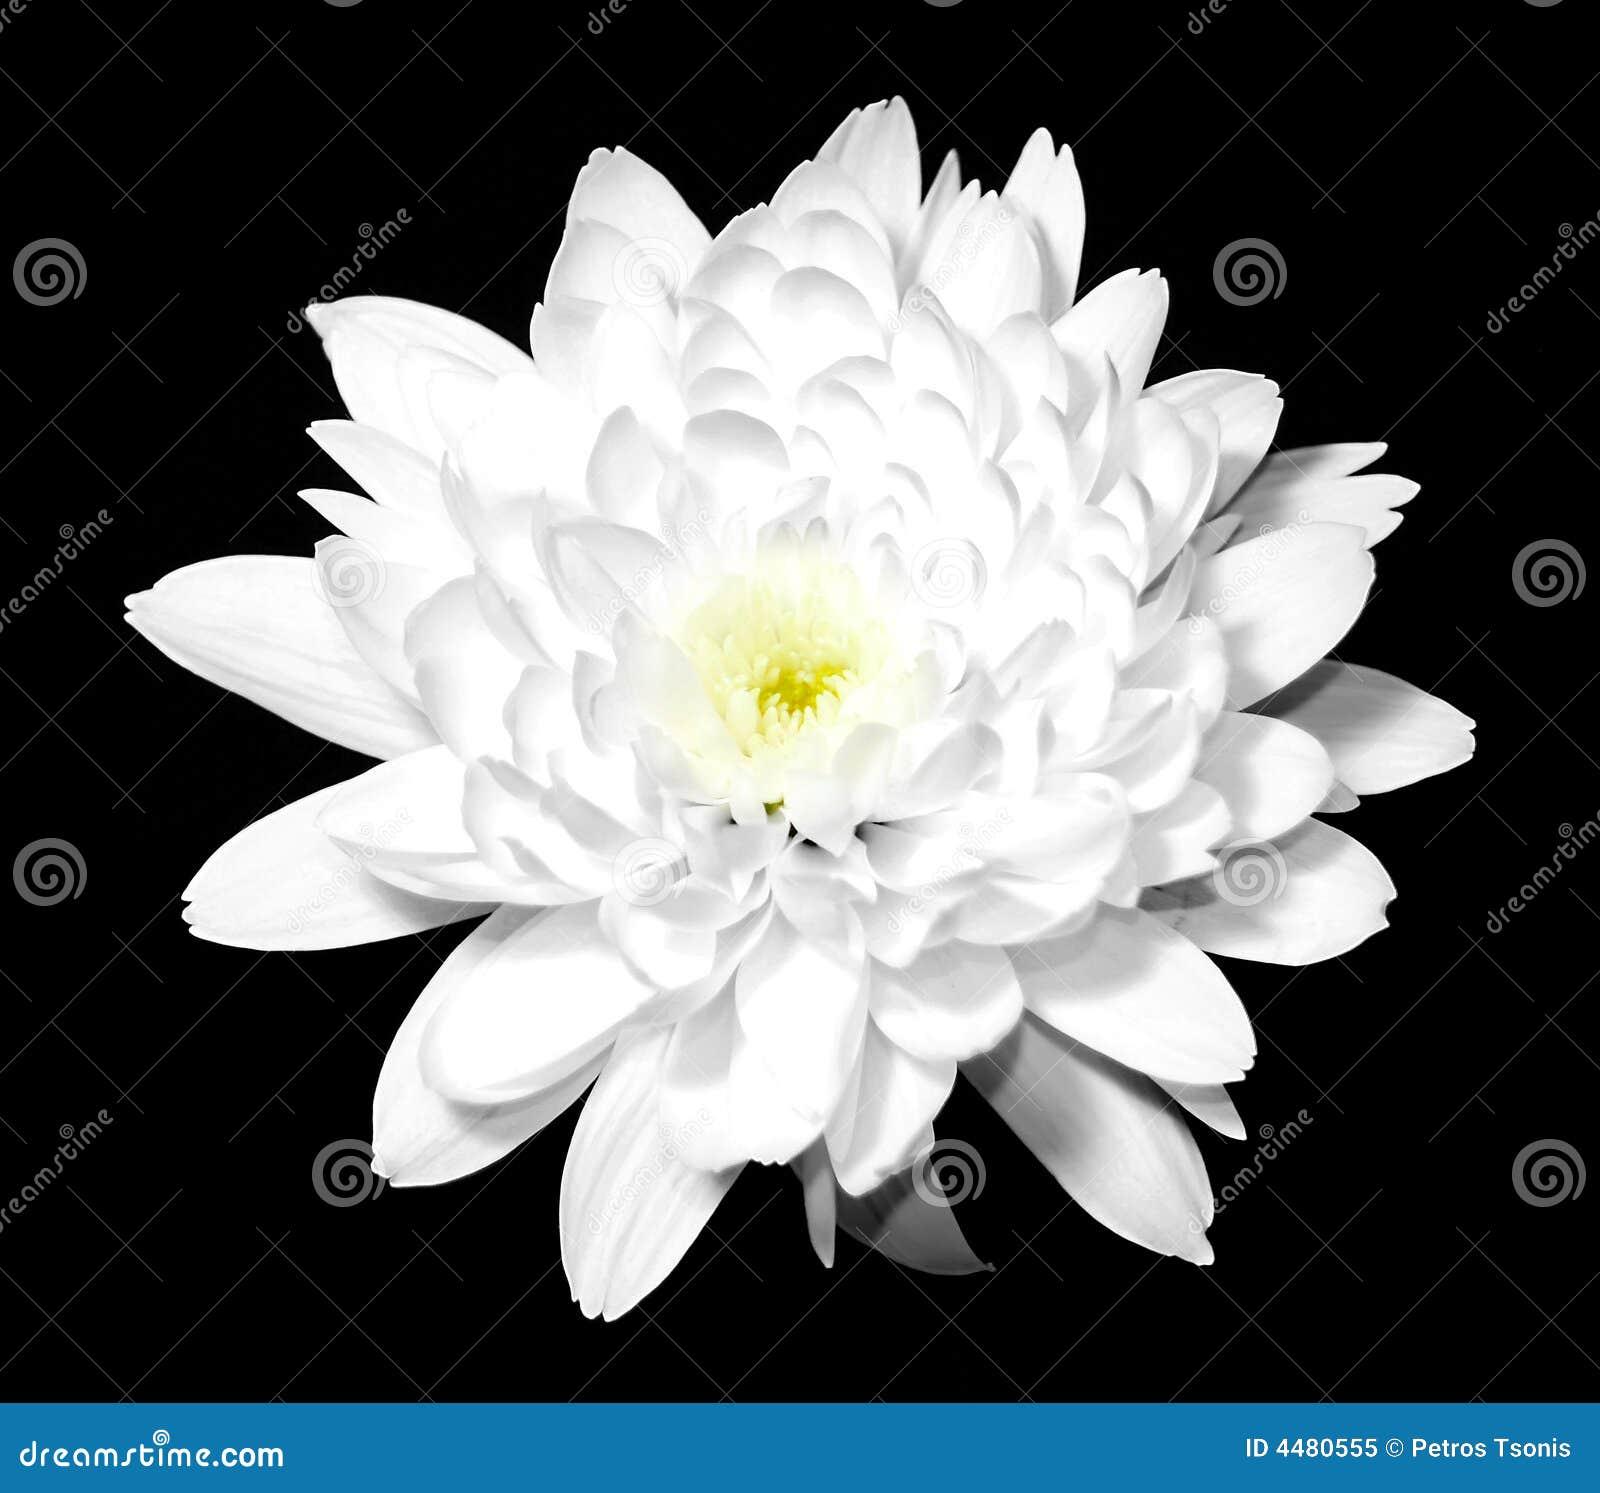 Caractère et personnalité de ceux qui aiment la couleur blanche Fleur-blanche-sur-le-noir-4480555